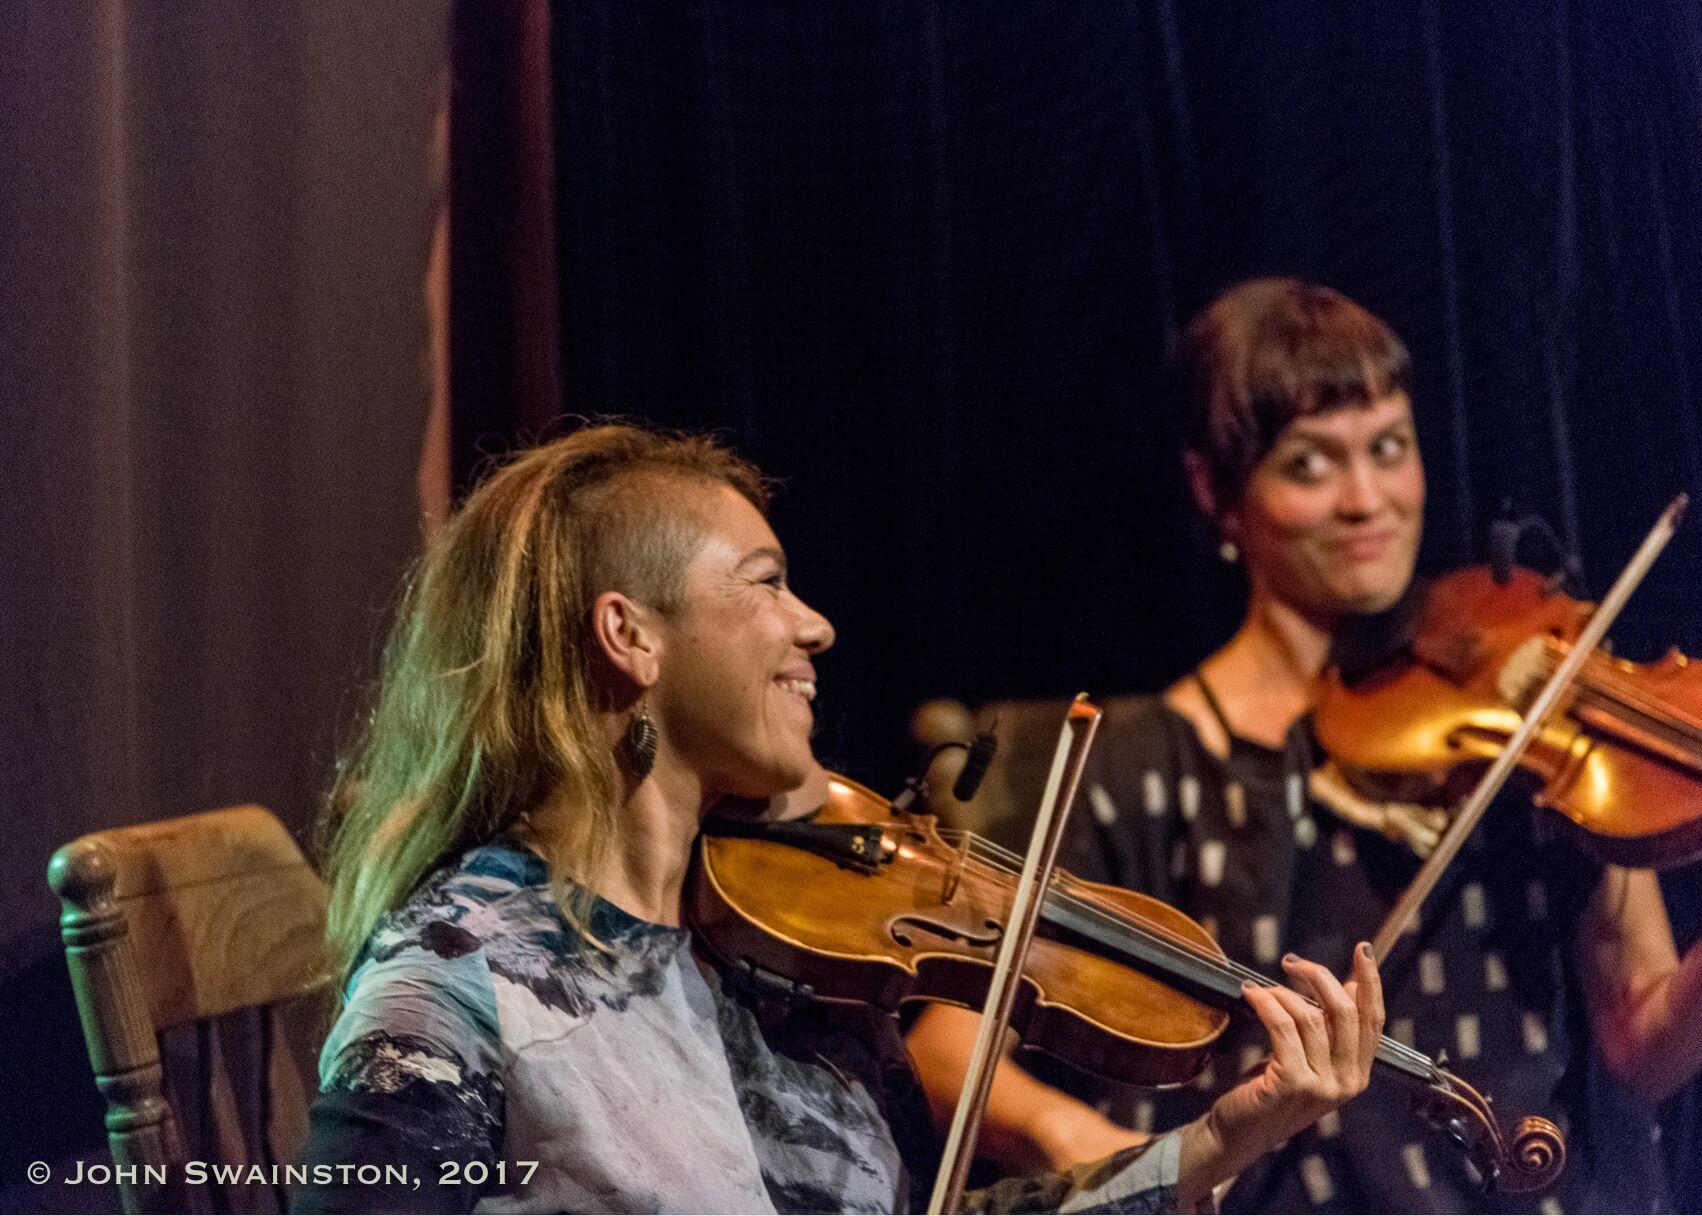 quartet_violins_JDS5588_preview.jpeg